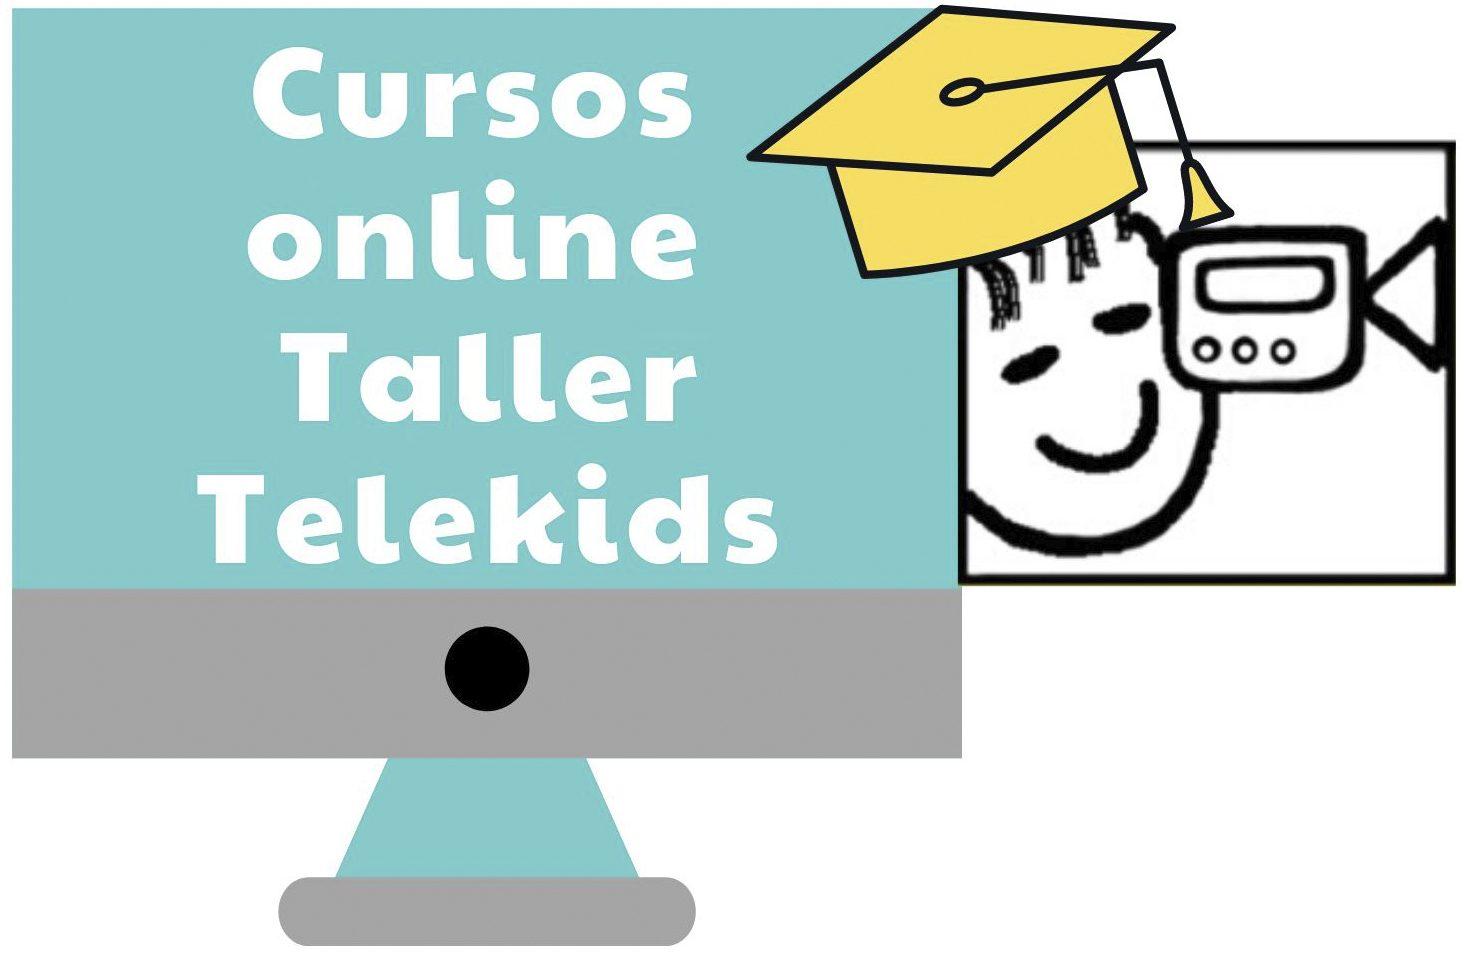 Cursos Online Taller Telekids